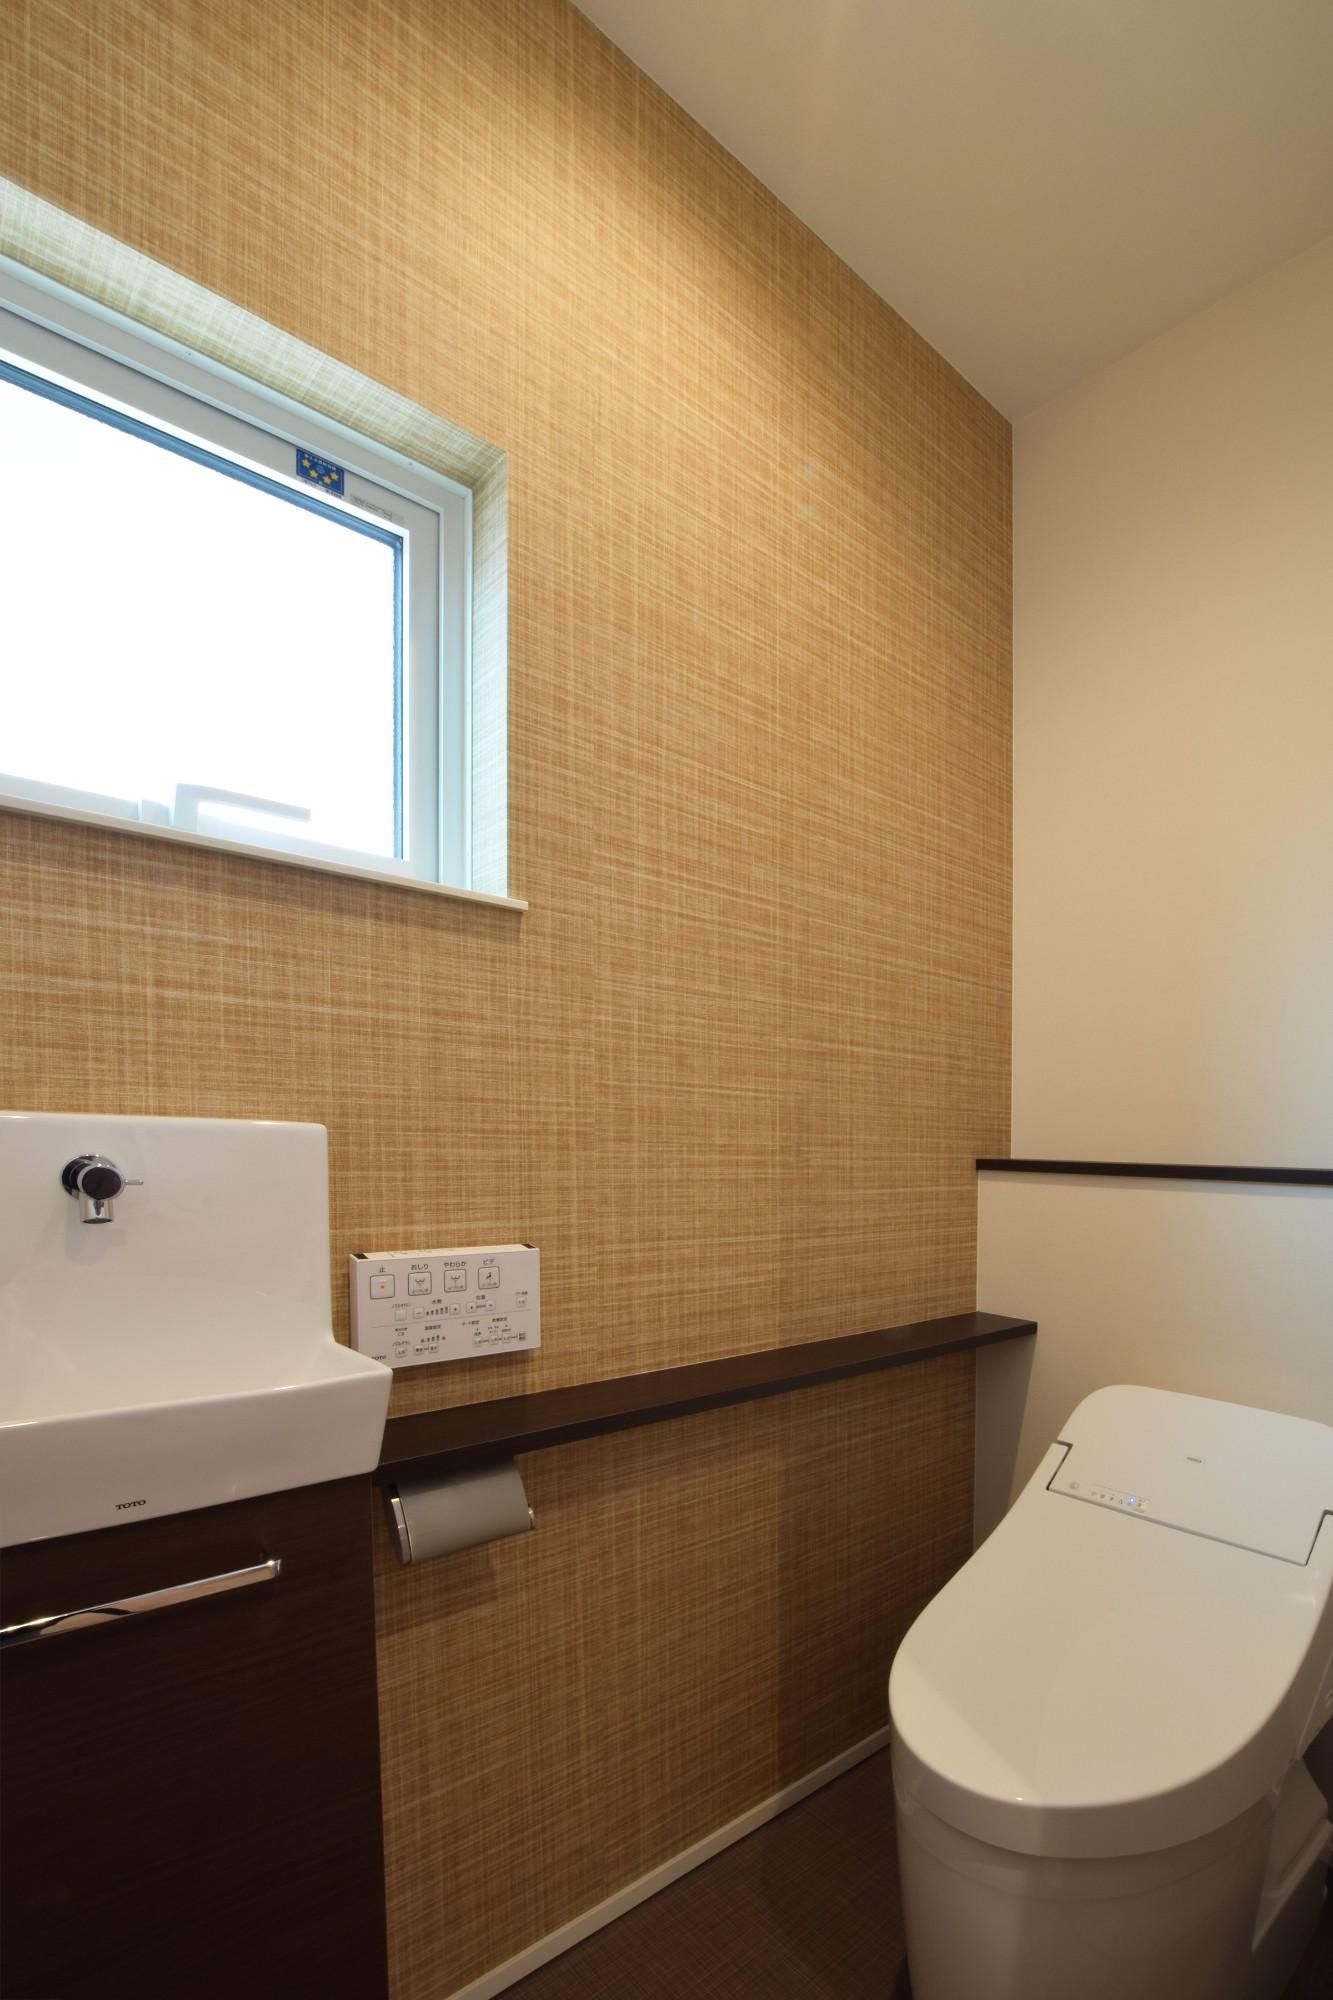 DETAIL HOME(ディテールホーム)「ナチュラルに、カジュアルに、カジラクに」のシンプル・ナチュラルなトイレの実例写真